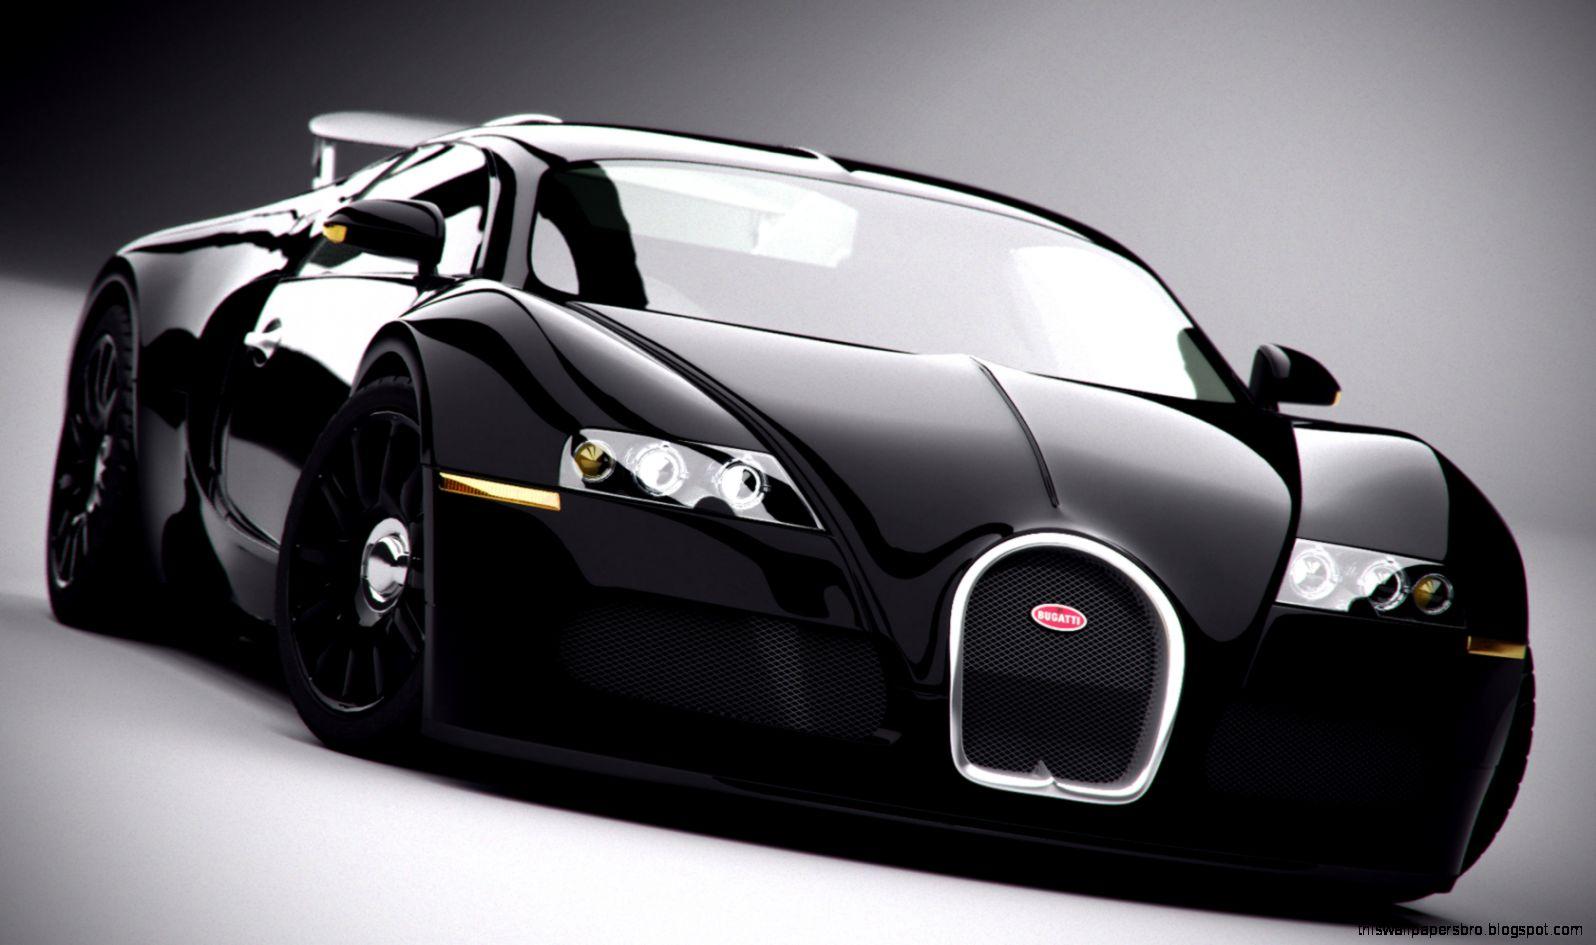 cars s arces best hd desktop s 1080p hd